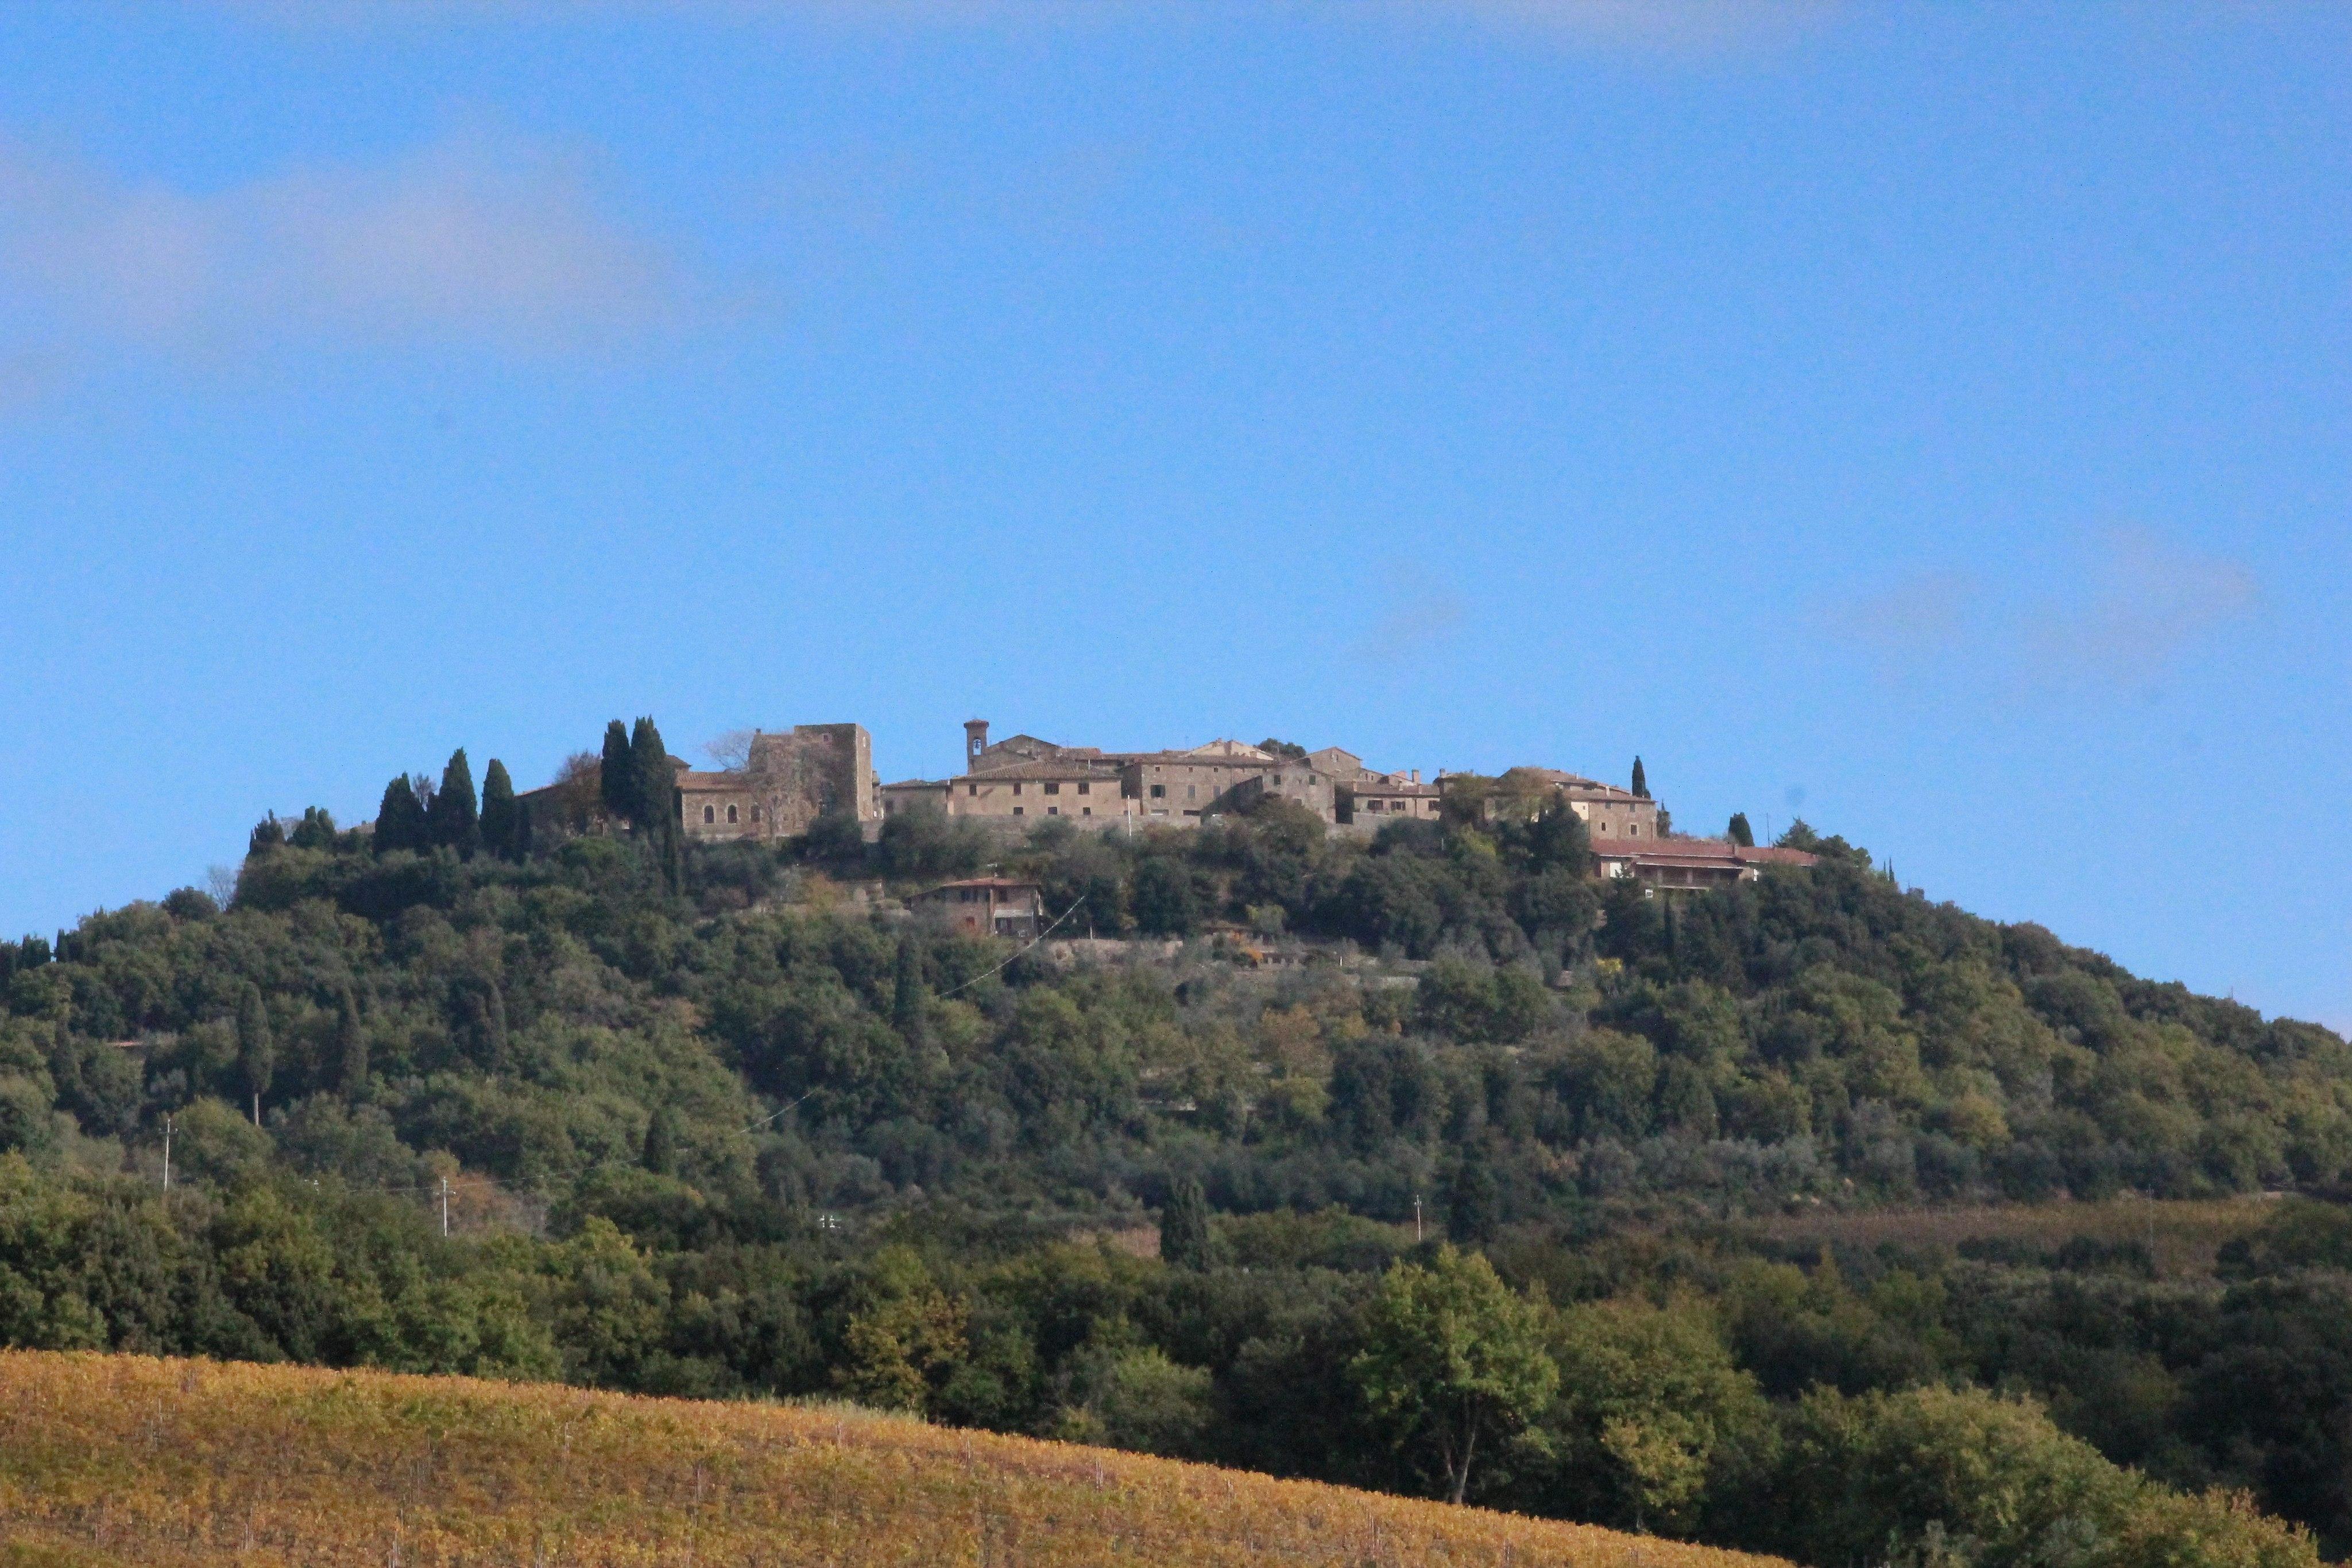 Panorama vonf Sant'Angelo in Colle, ein Ortsteilvon Montalcino